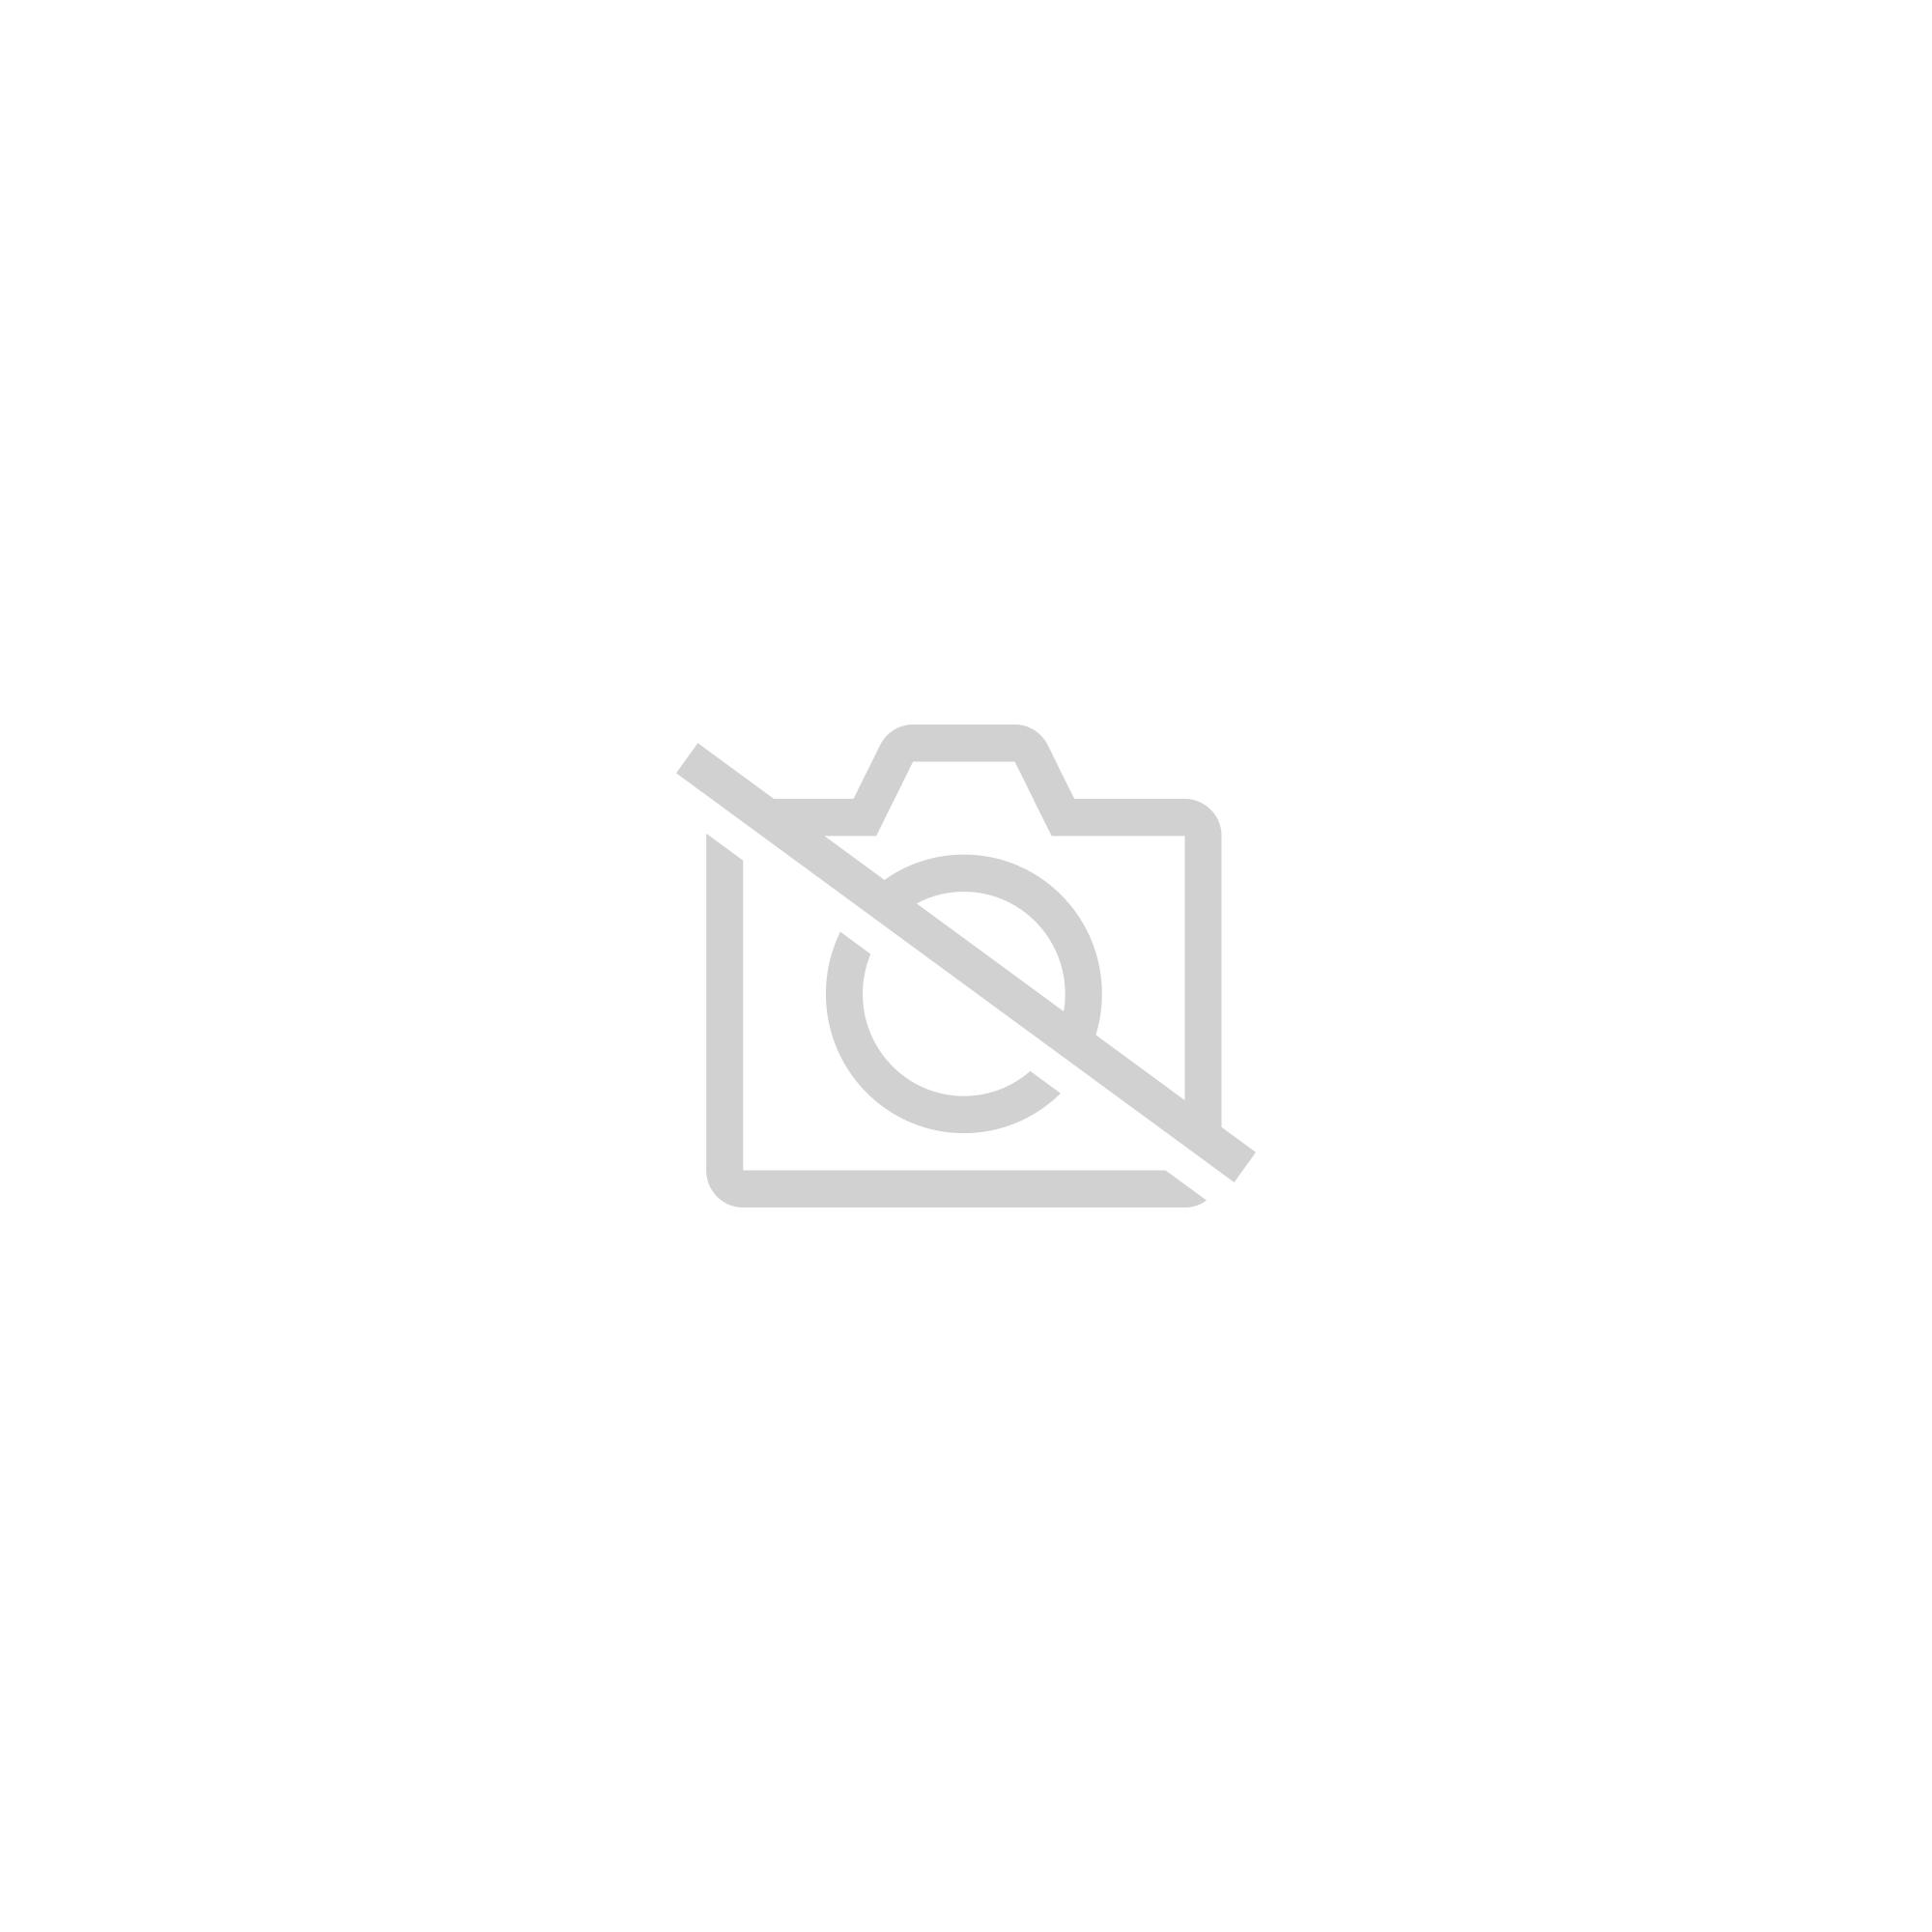 """0.95 """"X9pro Ble 4.0 Moniteur De Fréquence Cardiaque De Tension Artérielle D'Oxygène Smart Bracelet Passometer Sang Pression Montre Sport Bracelet"""